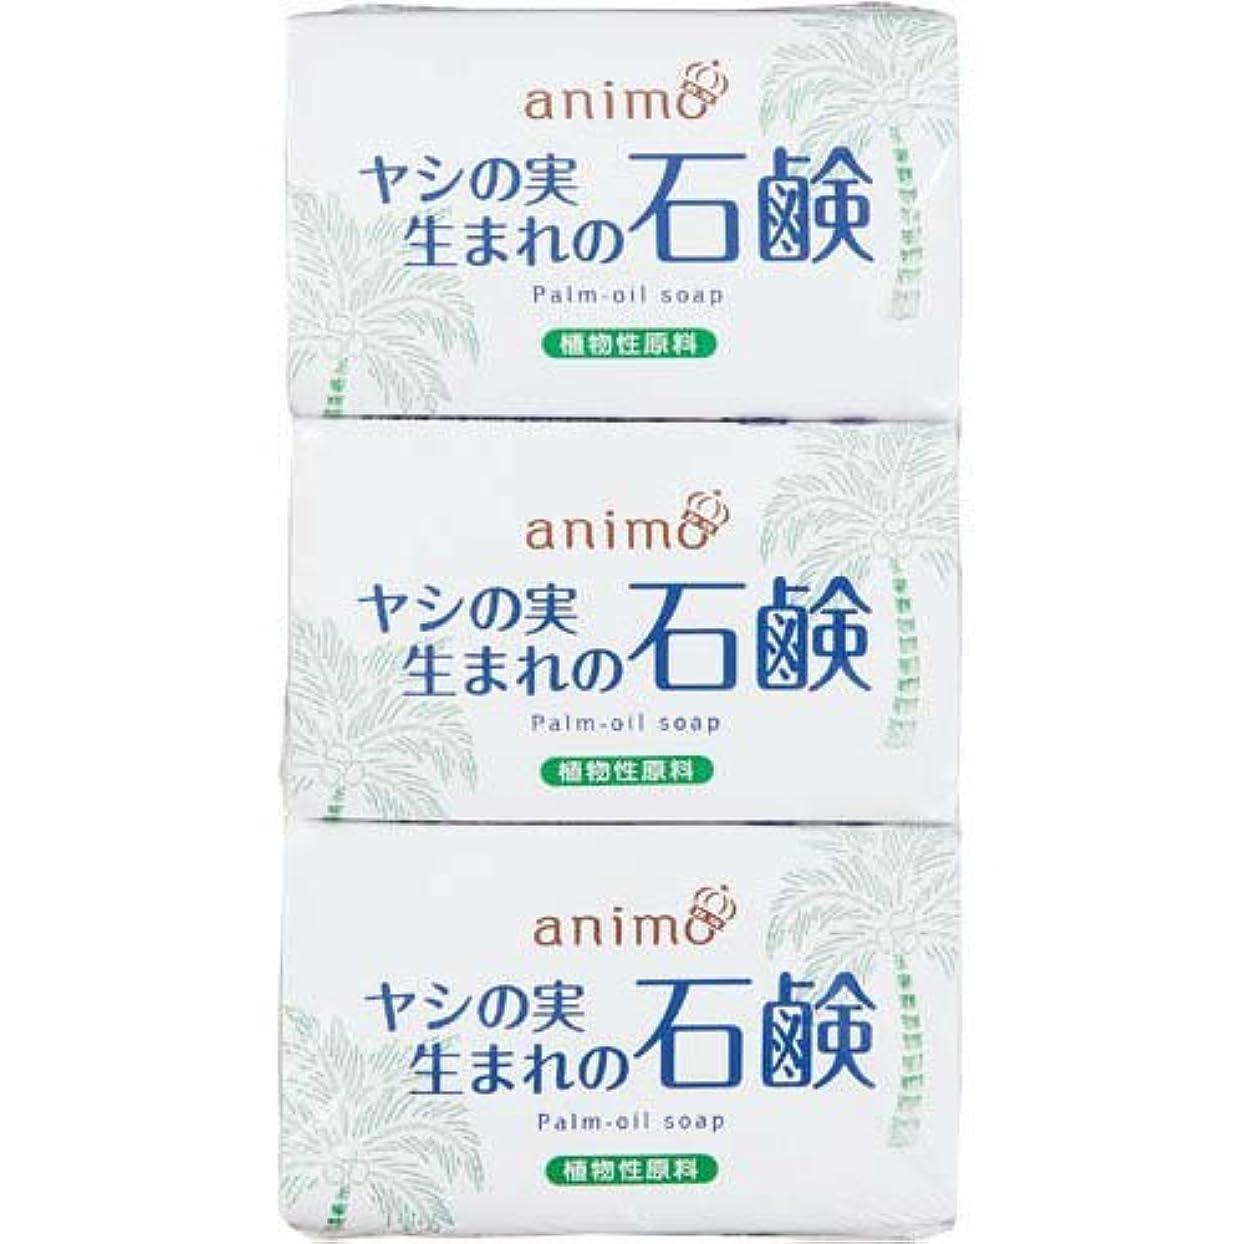 ネズミ主にレキシコンロケット石鹸 ヤシの実石鹸 80g×3個×5パック